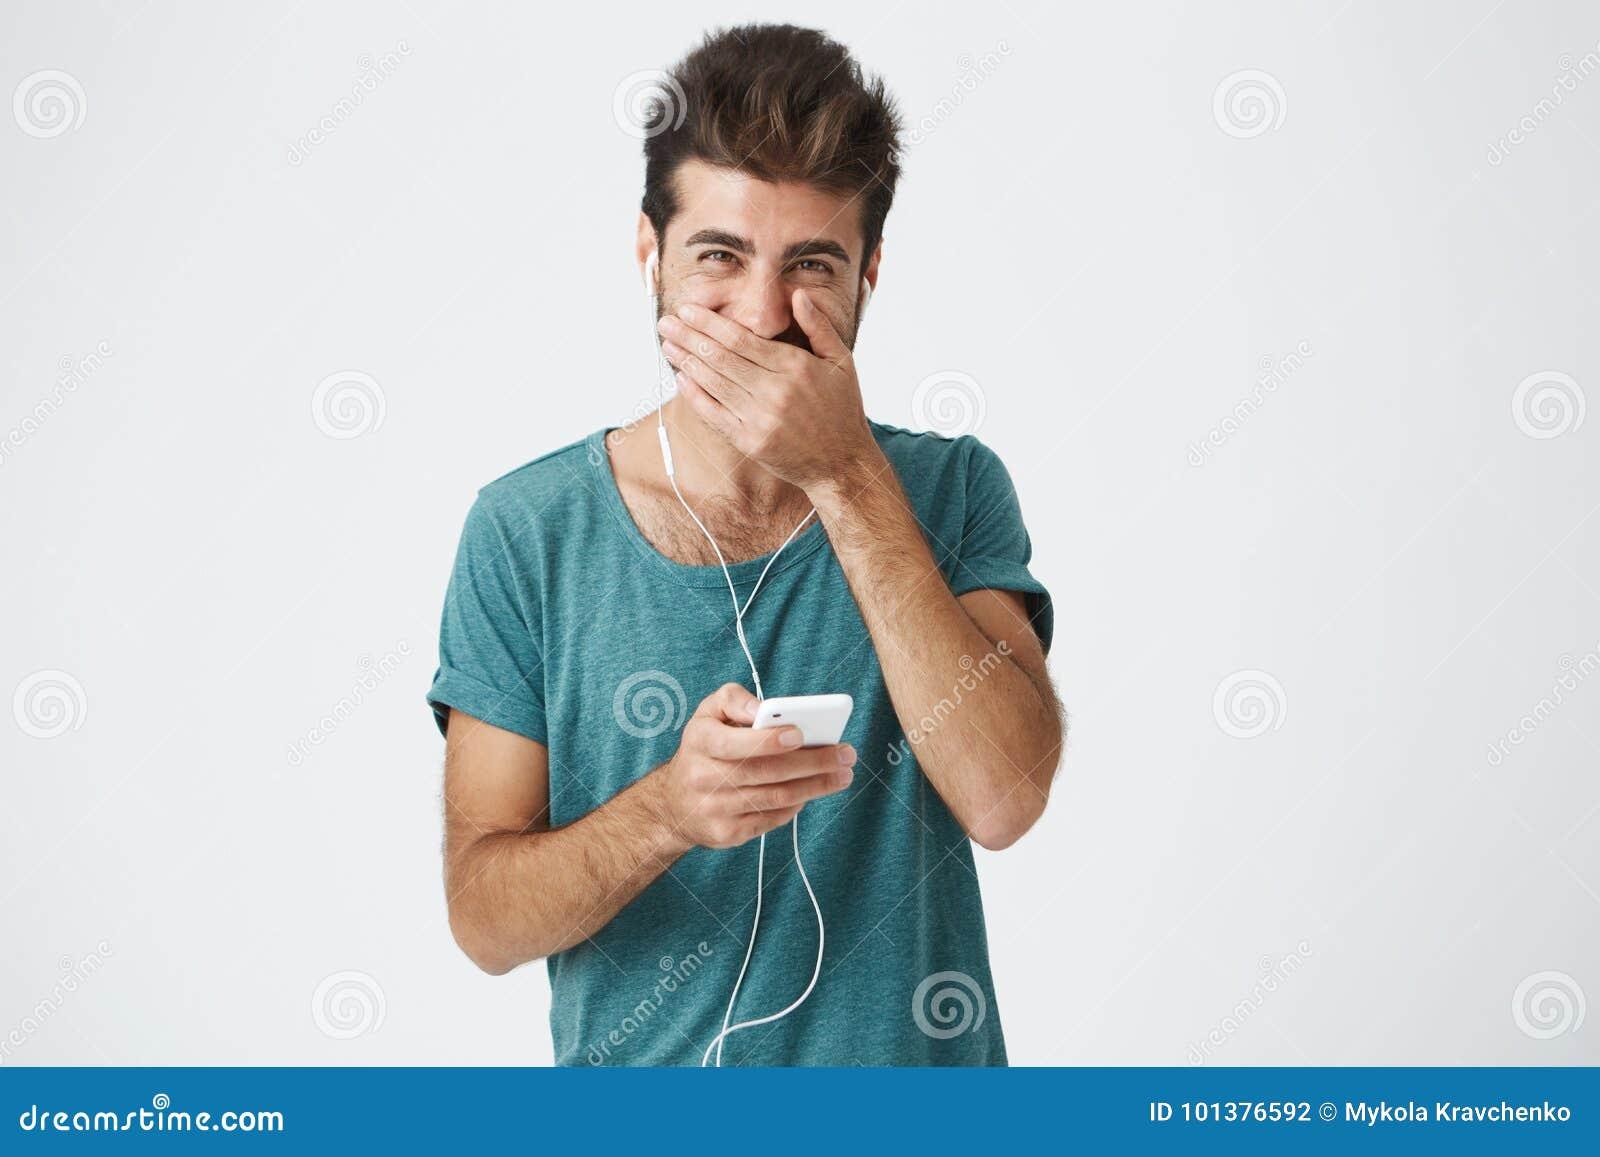 Ευτυχές νέο ισπανικό μοντέρνο άτομο που φορά τη μοντέρνη μπλε μπλούζα, που χαμογελά και που κοιτάζει στη κάμερα, που καλύπτει το